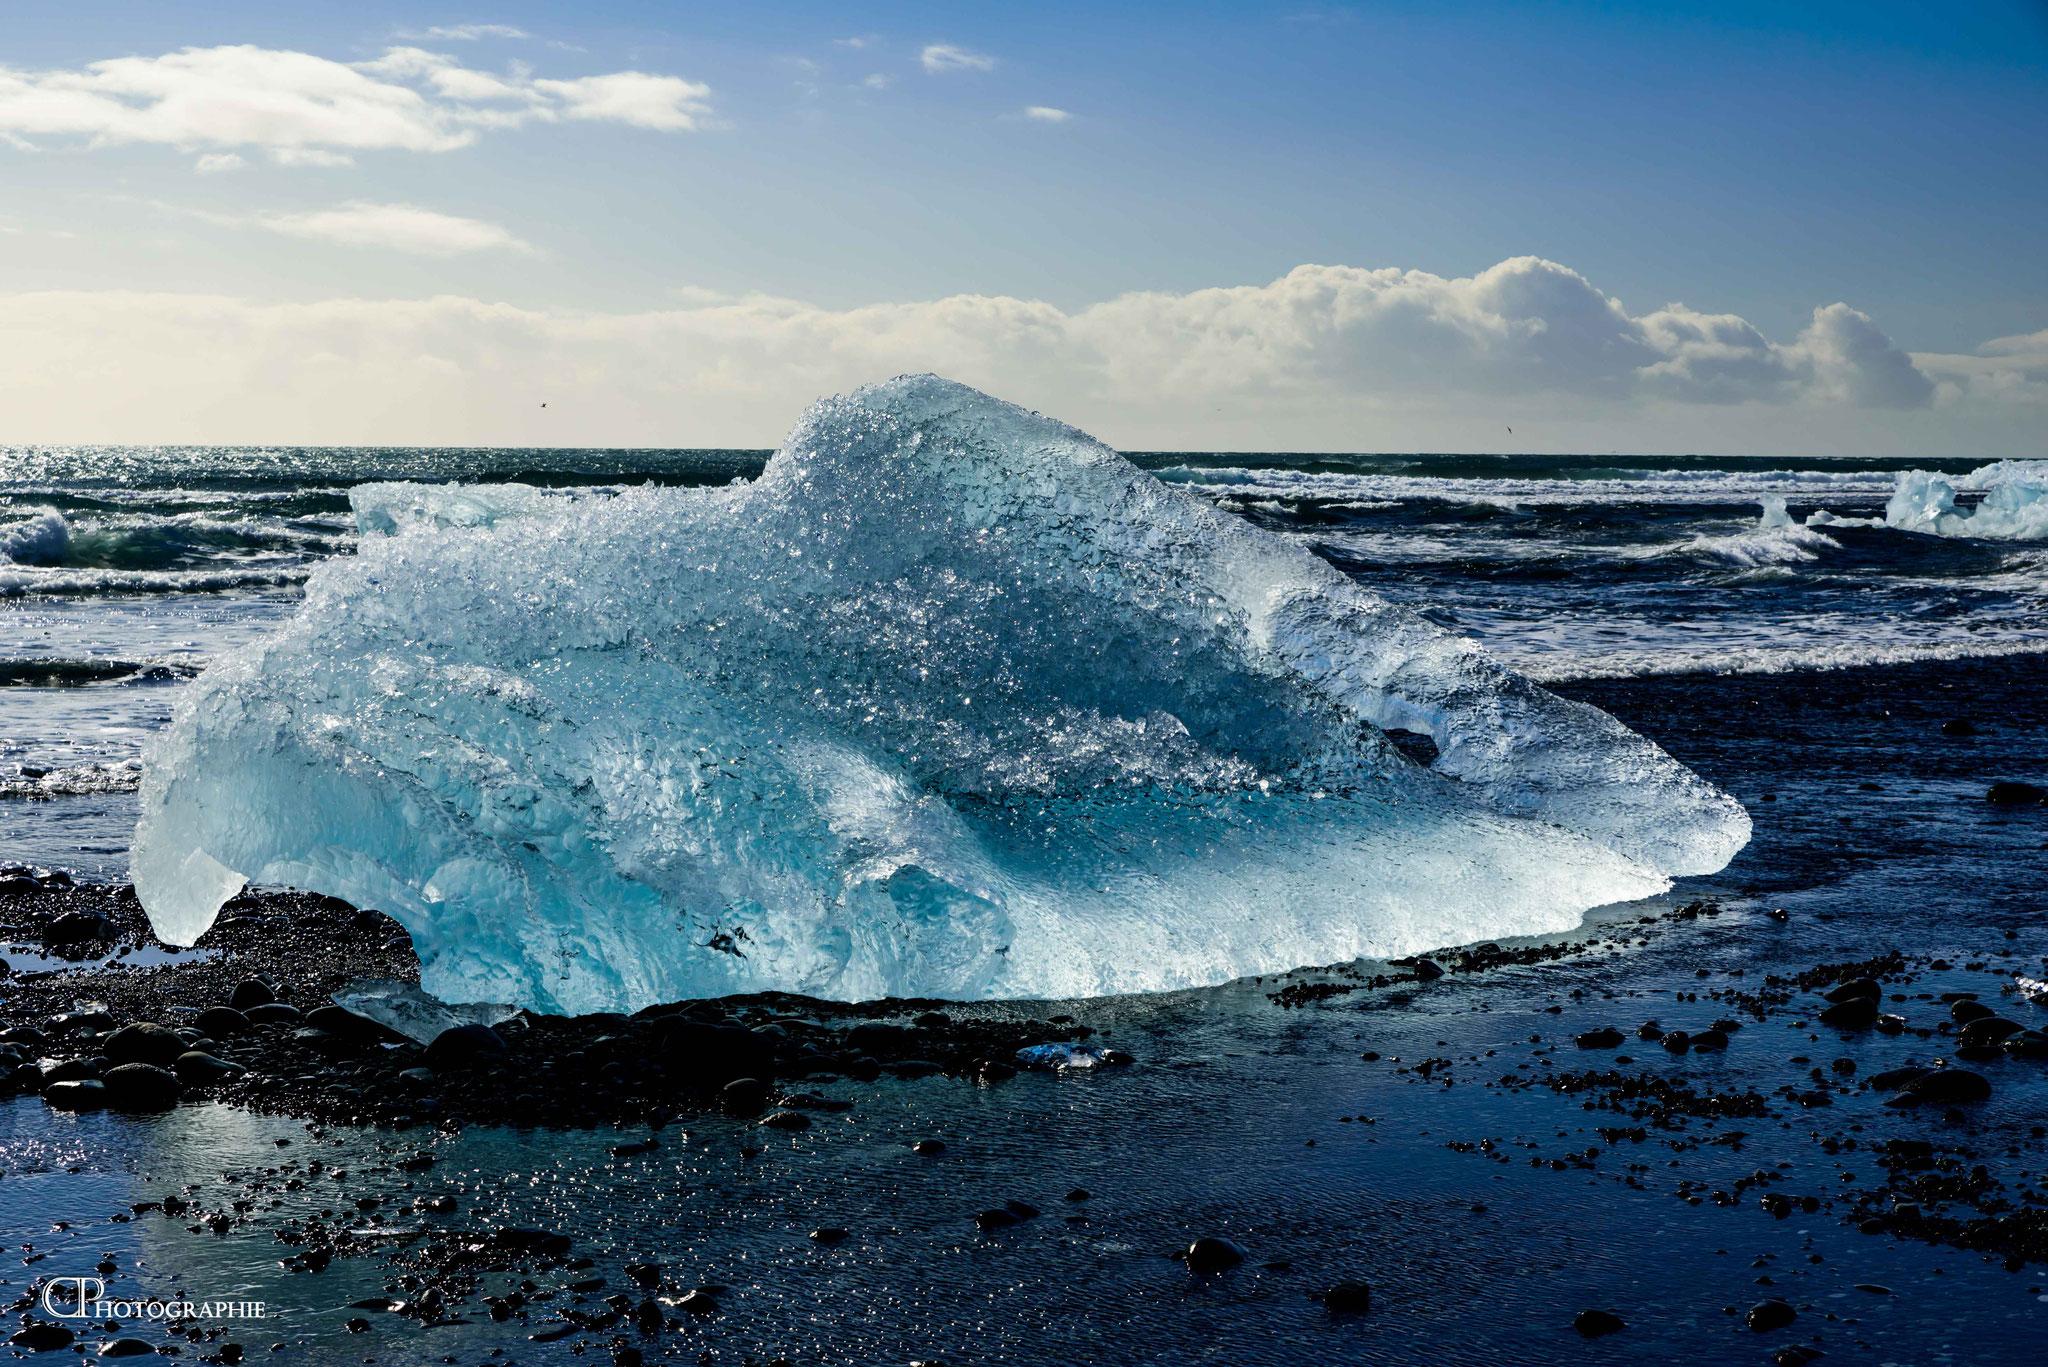 Photo 17 - Vague de glace